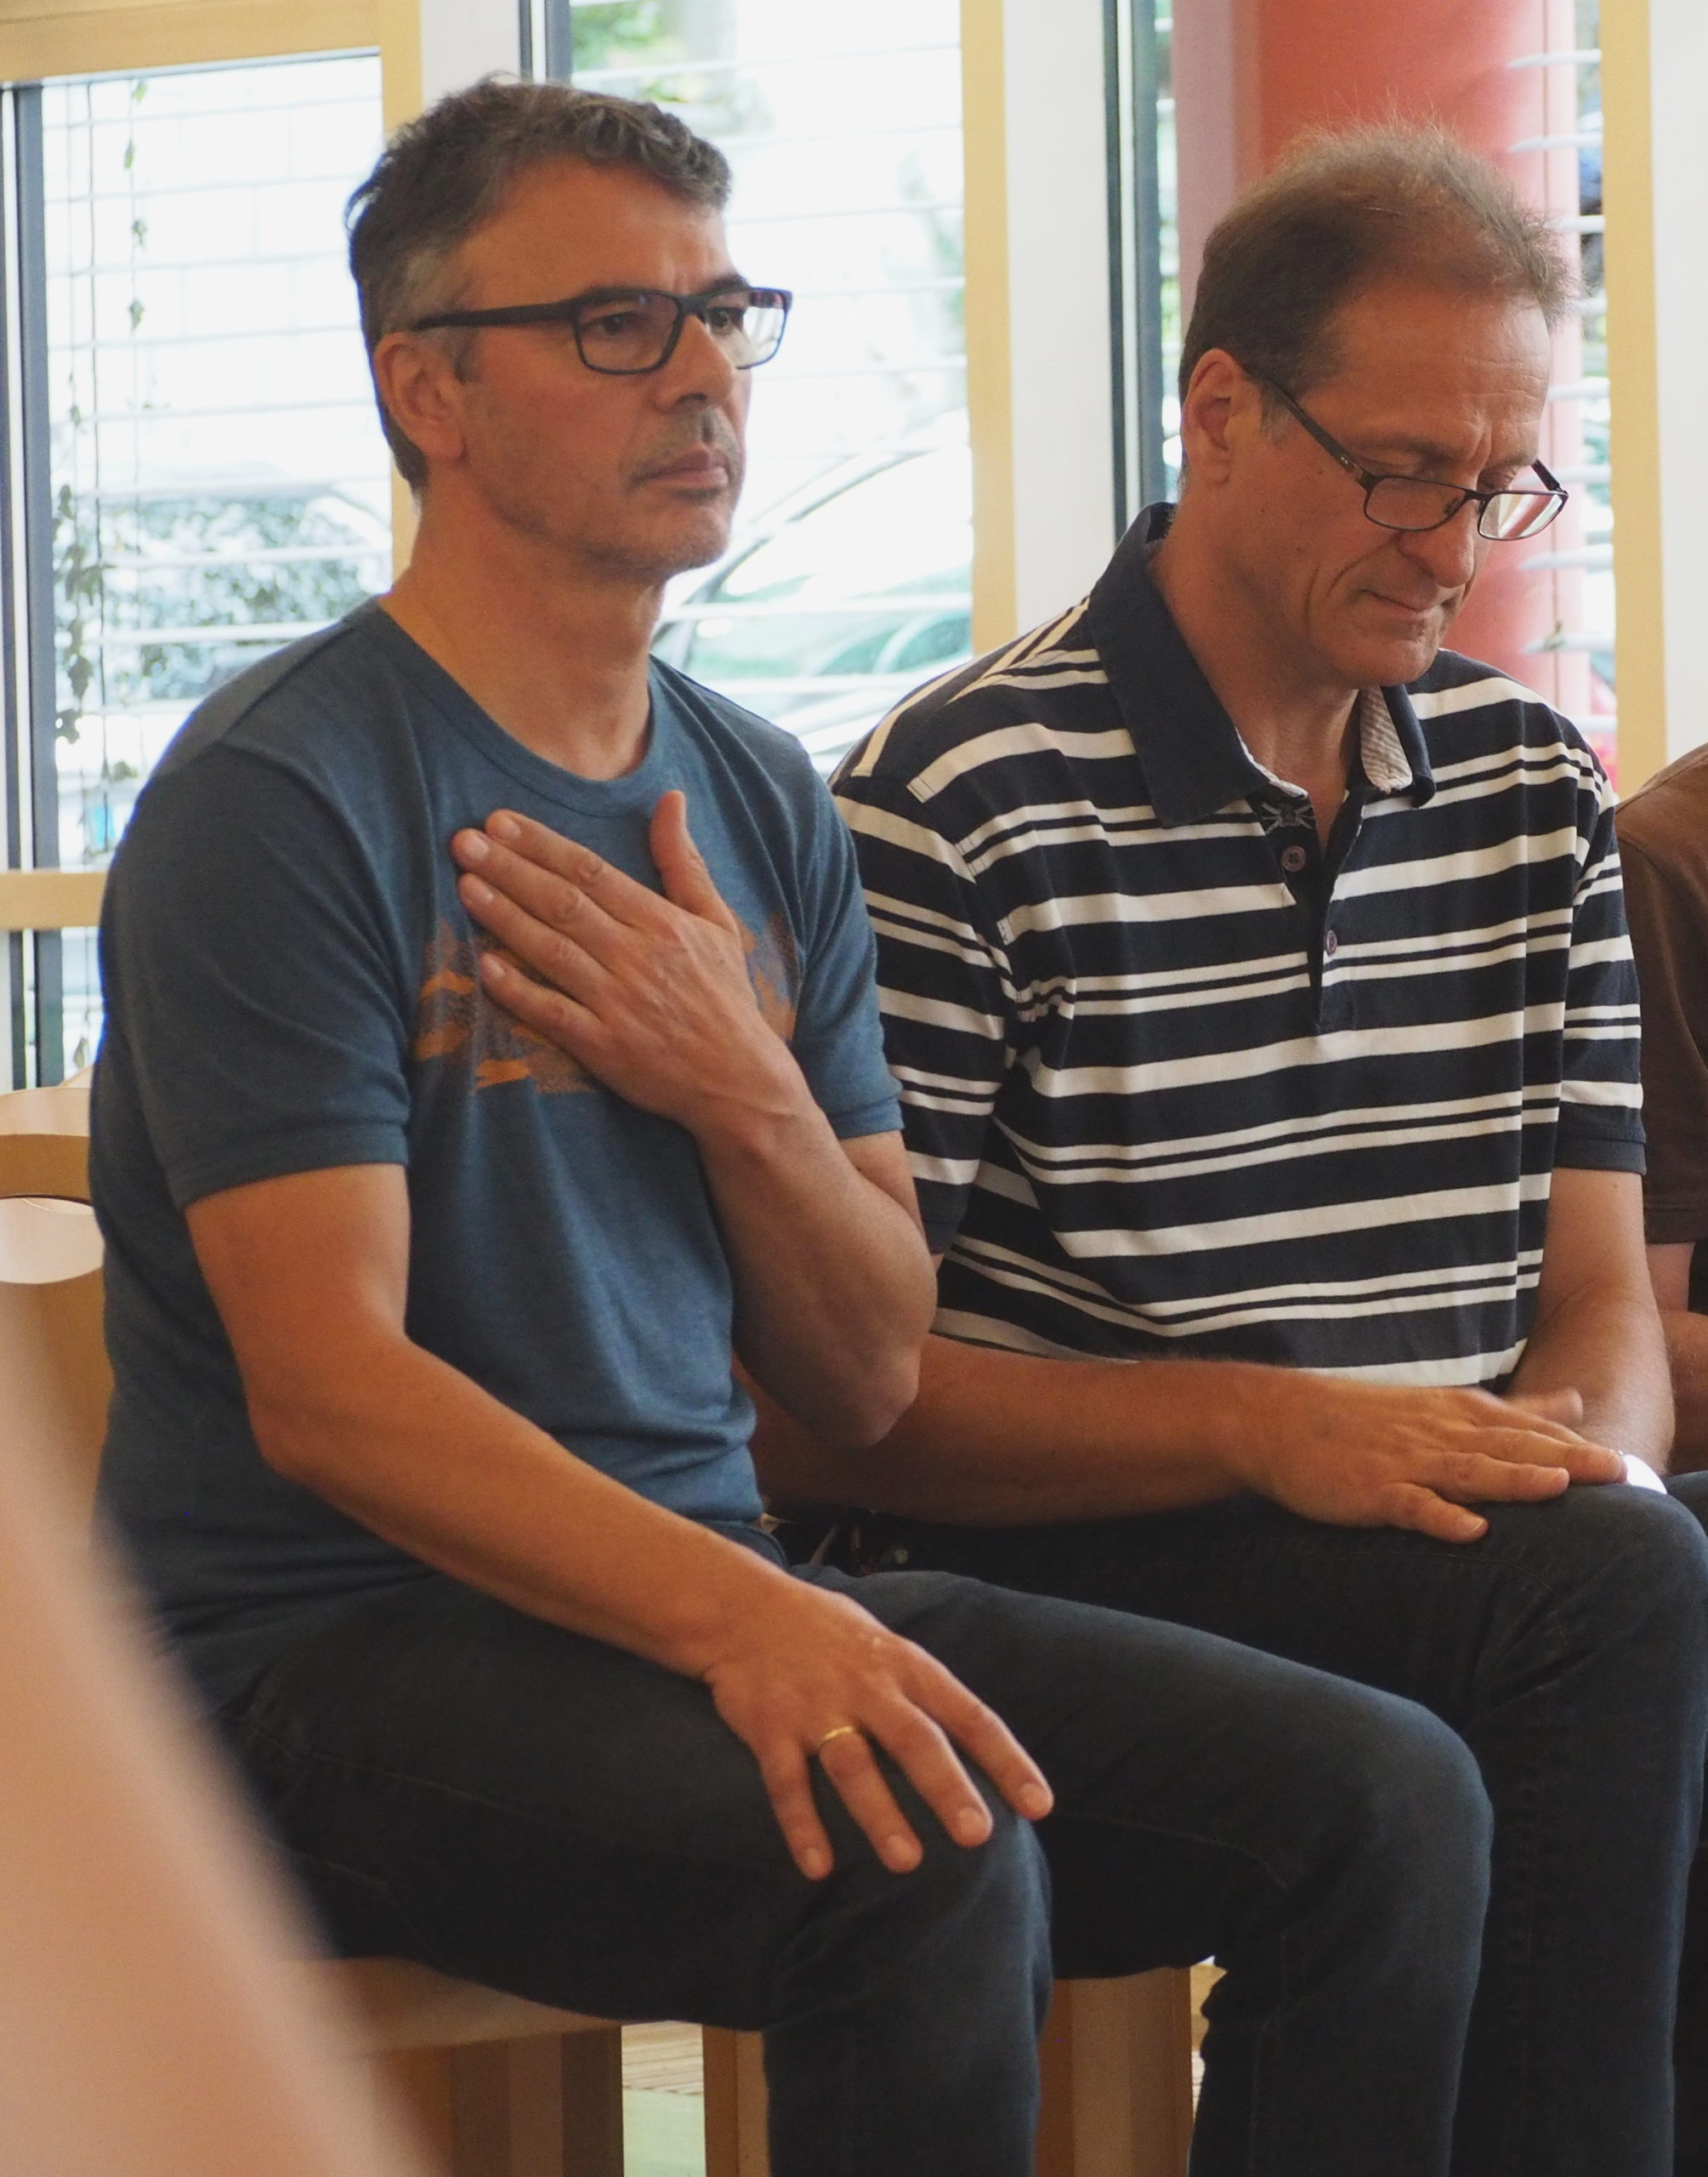 Seminar kennenlernen teilnehmer